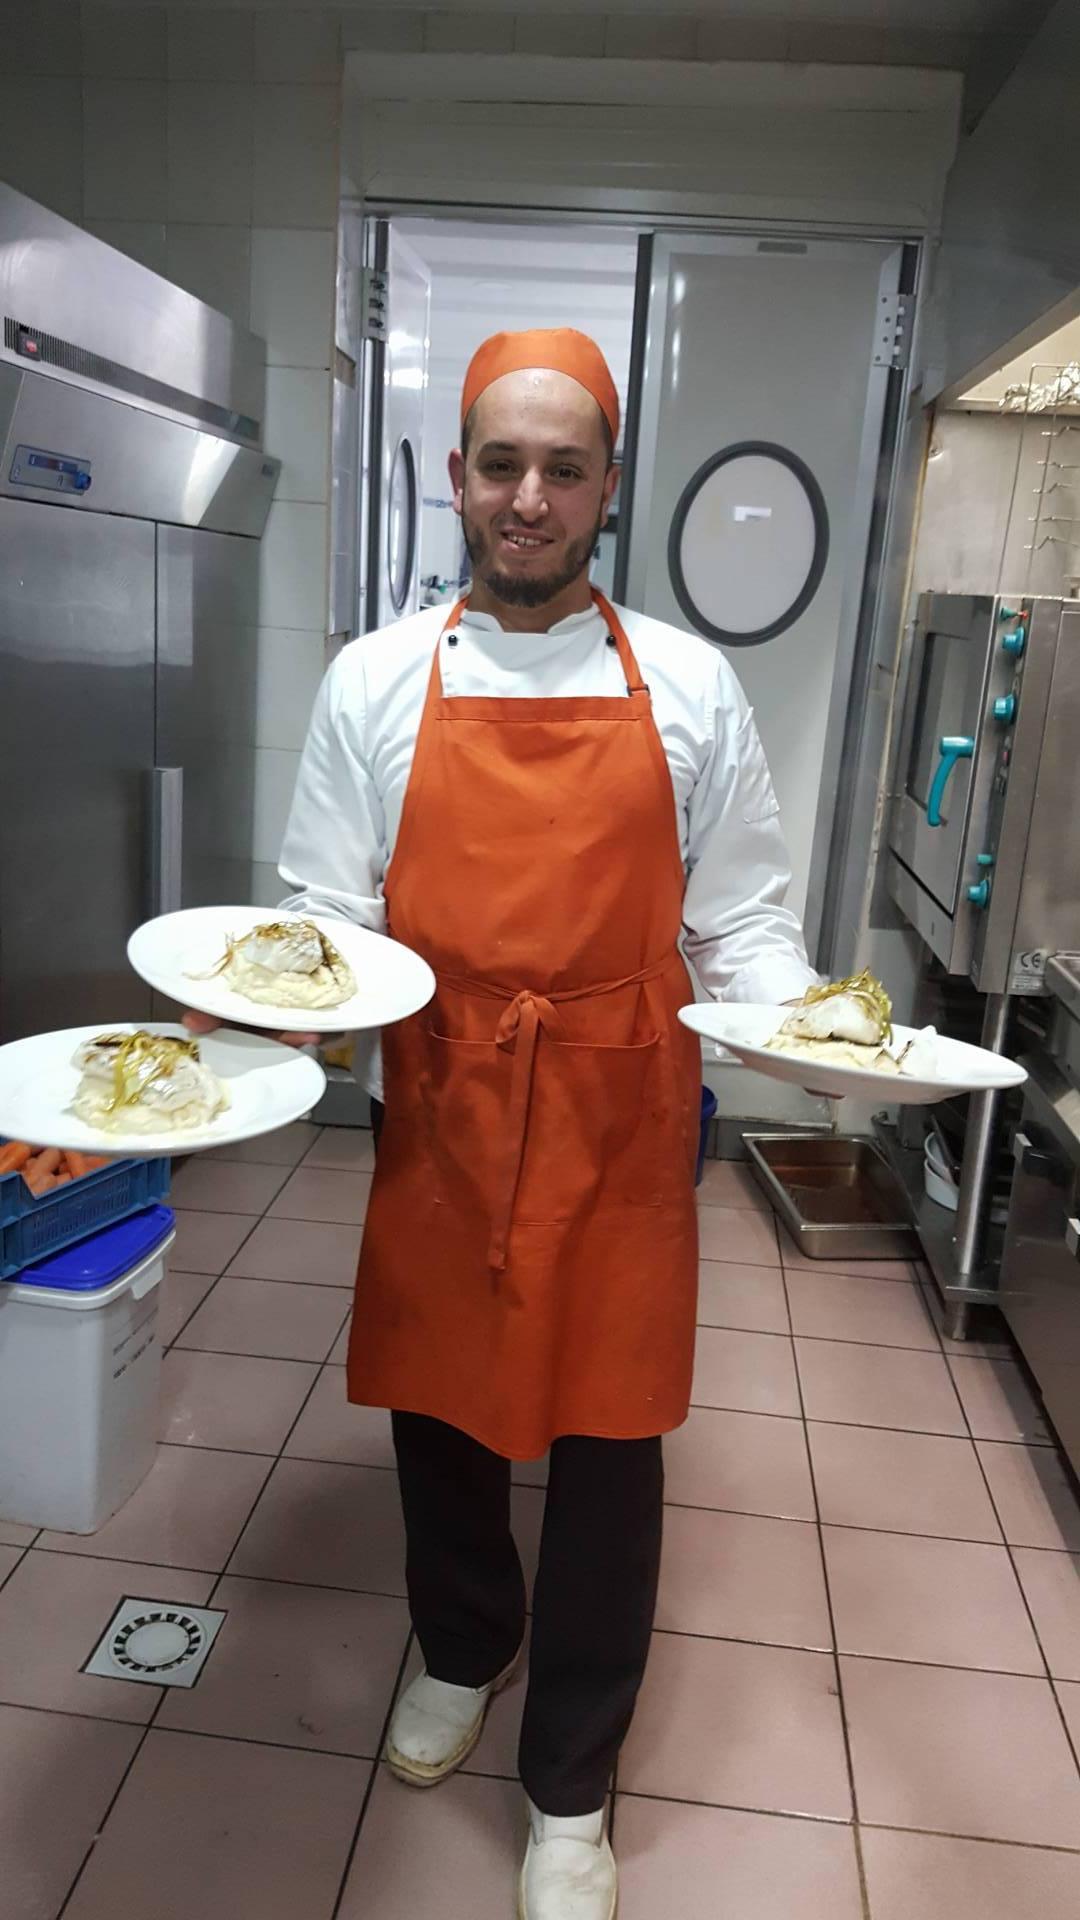 Traiteur -img15 • Livraison de poissons • Poissonnerie • Restaurant • Traiteur à Anderlecht